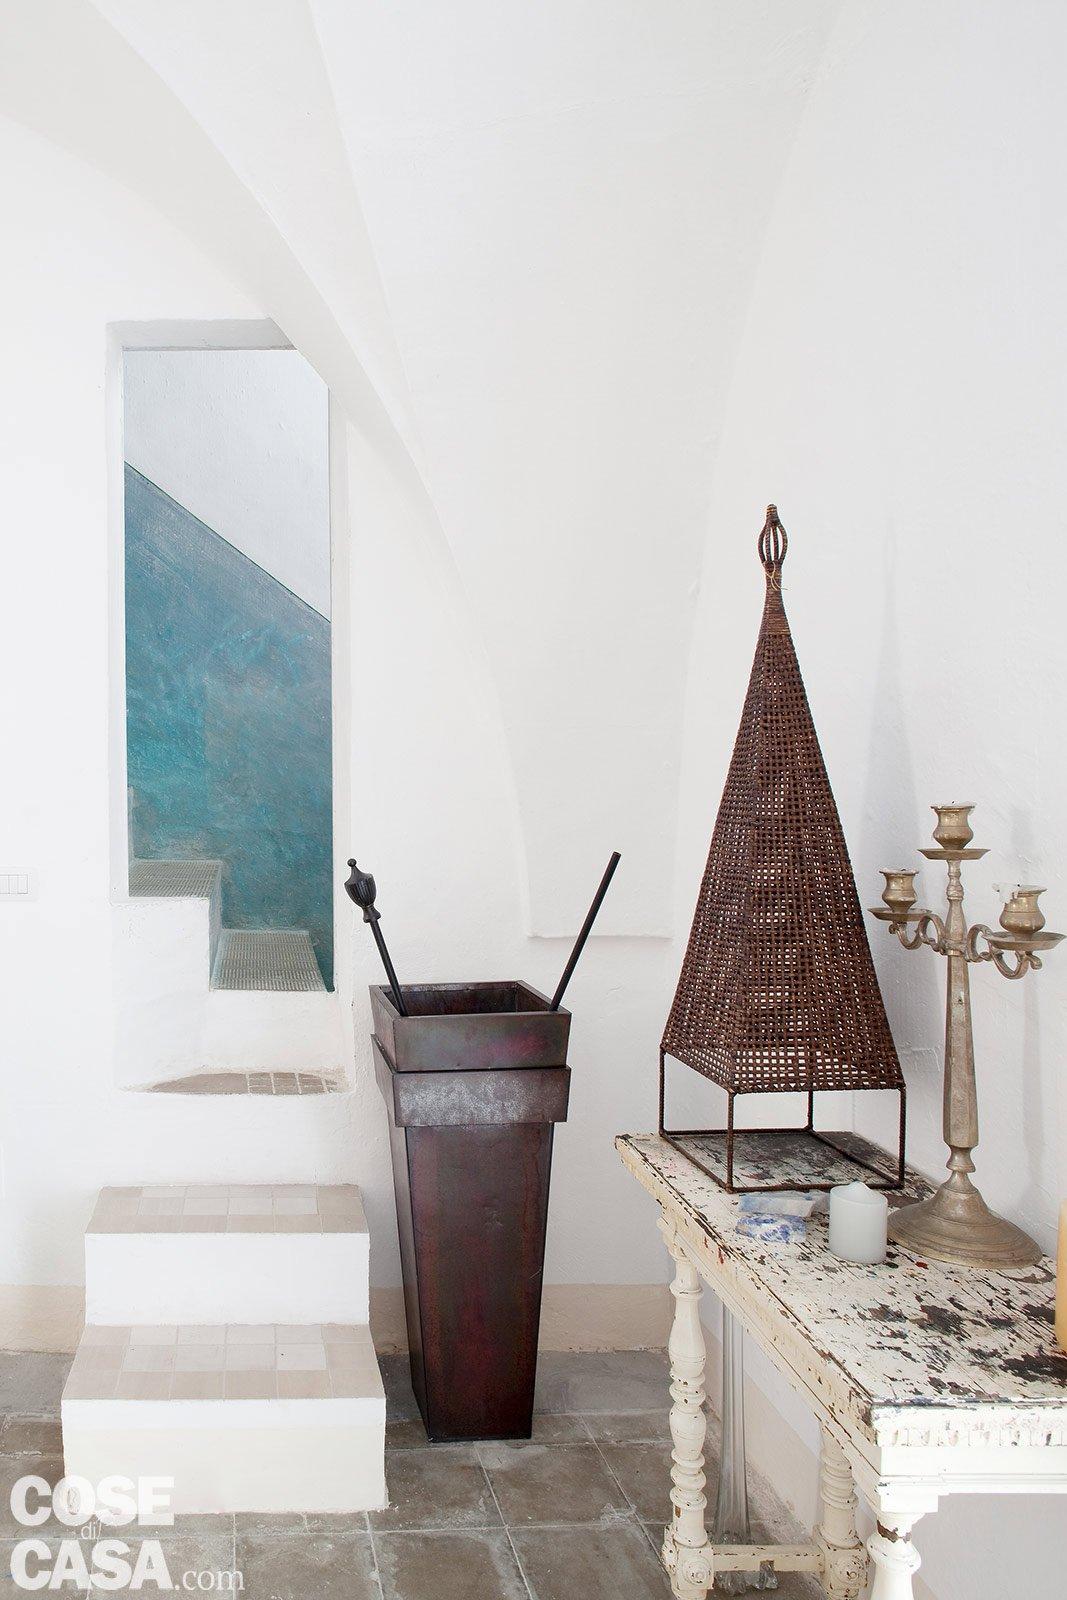 Una casa in pietra in stile mediterraneo cose di casa for Abitazioni interni